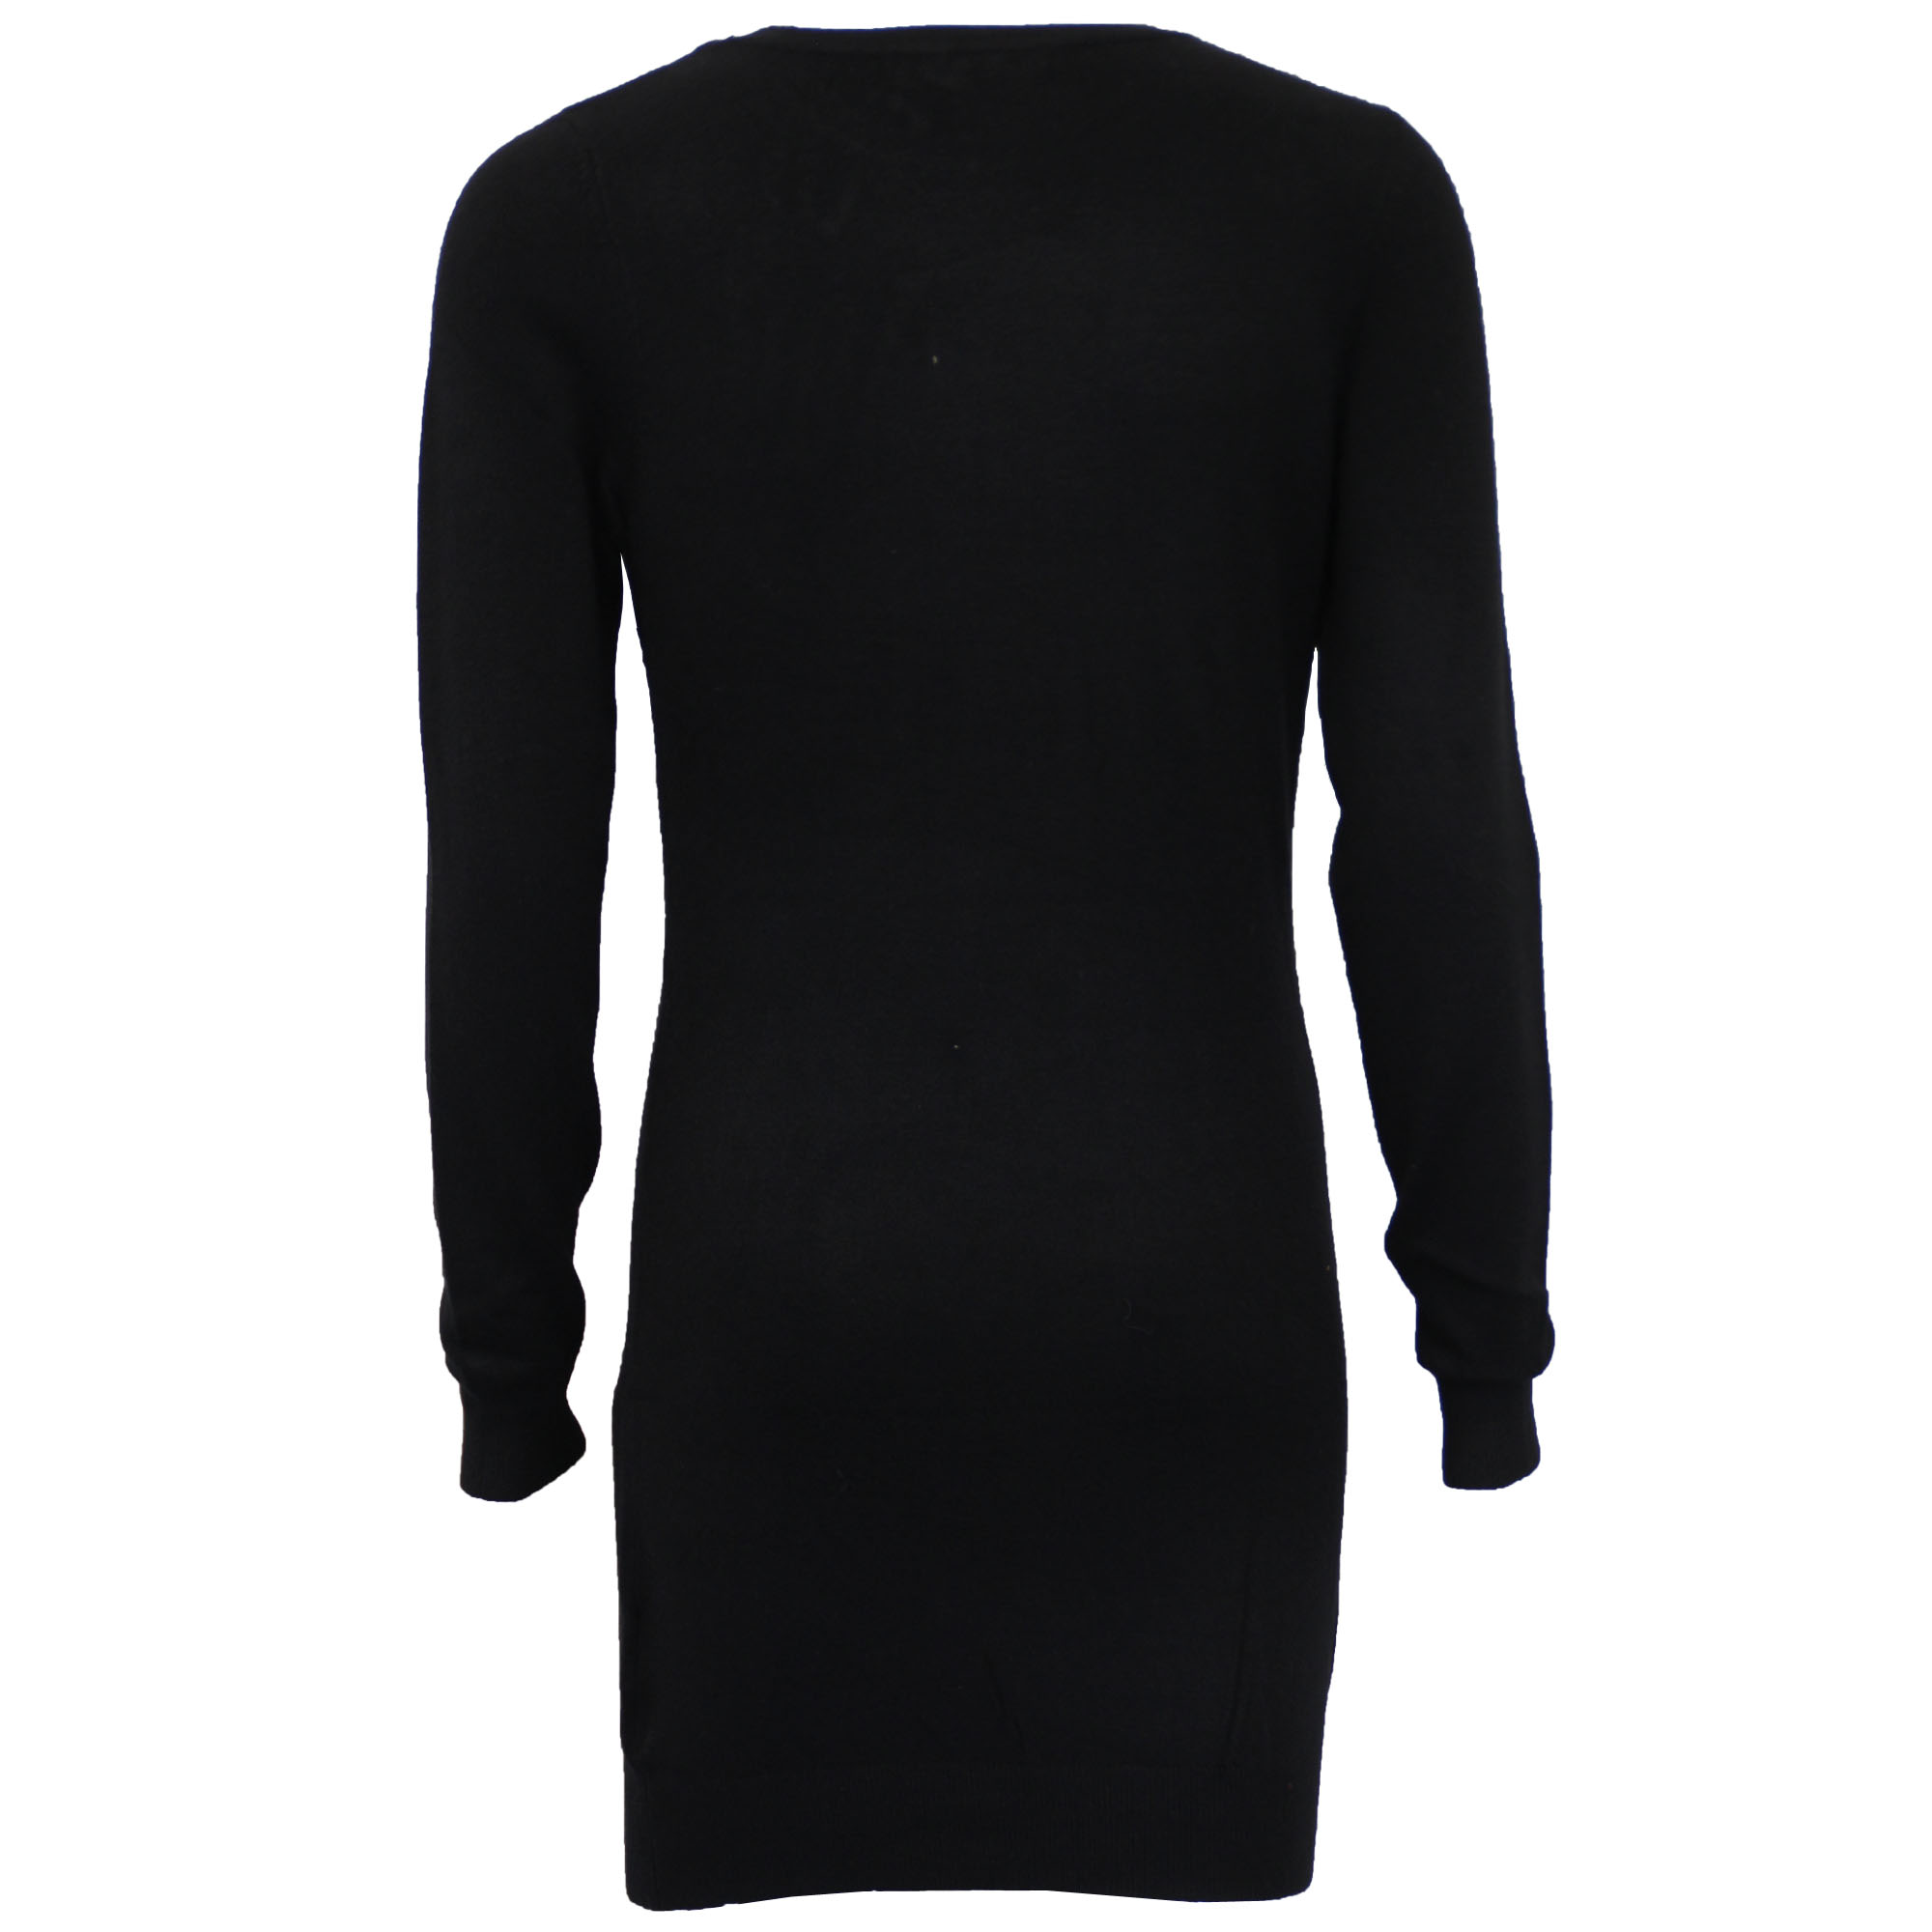 Damen-Xmas-Lang-Pullover-Damen-Kleid-Weihnachten-Glitzernde-Pailletten-Neuheit-Party-NEU Indexbild 3